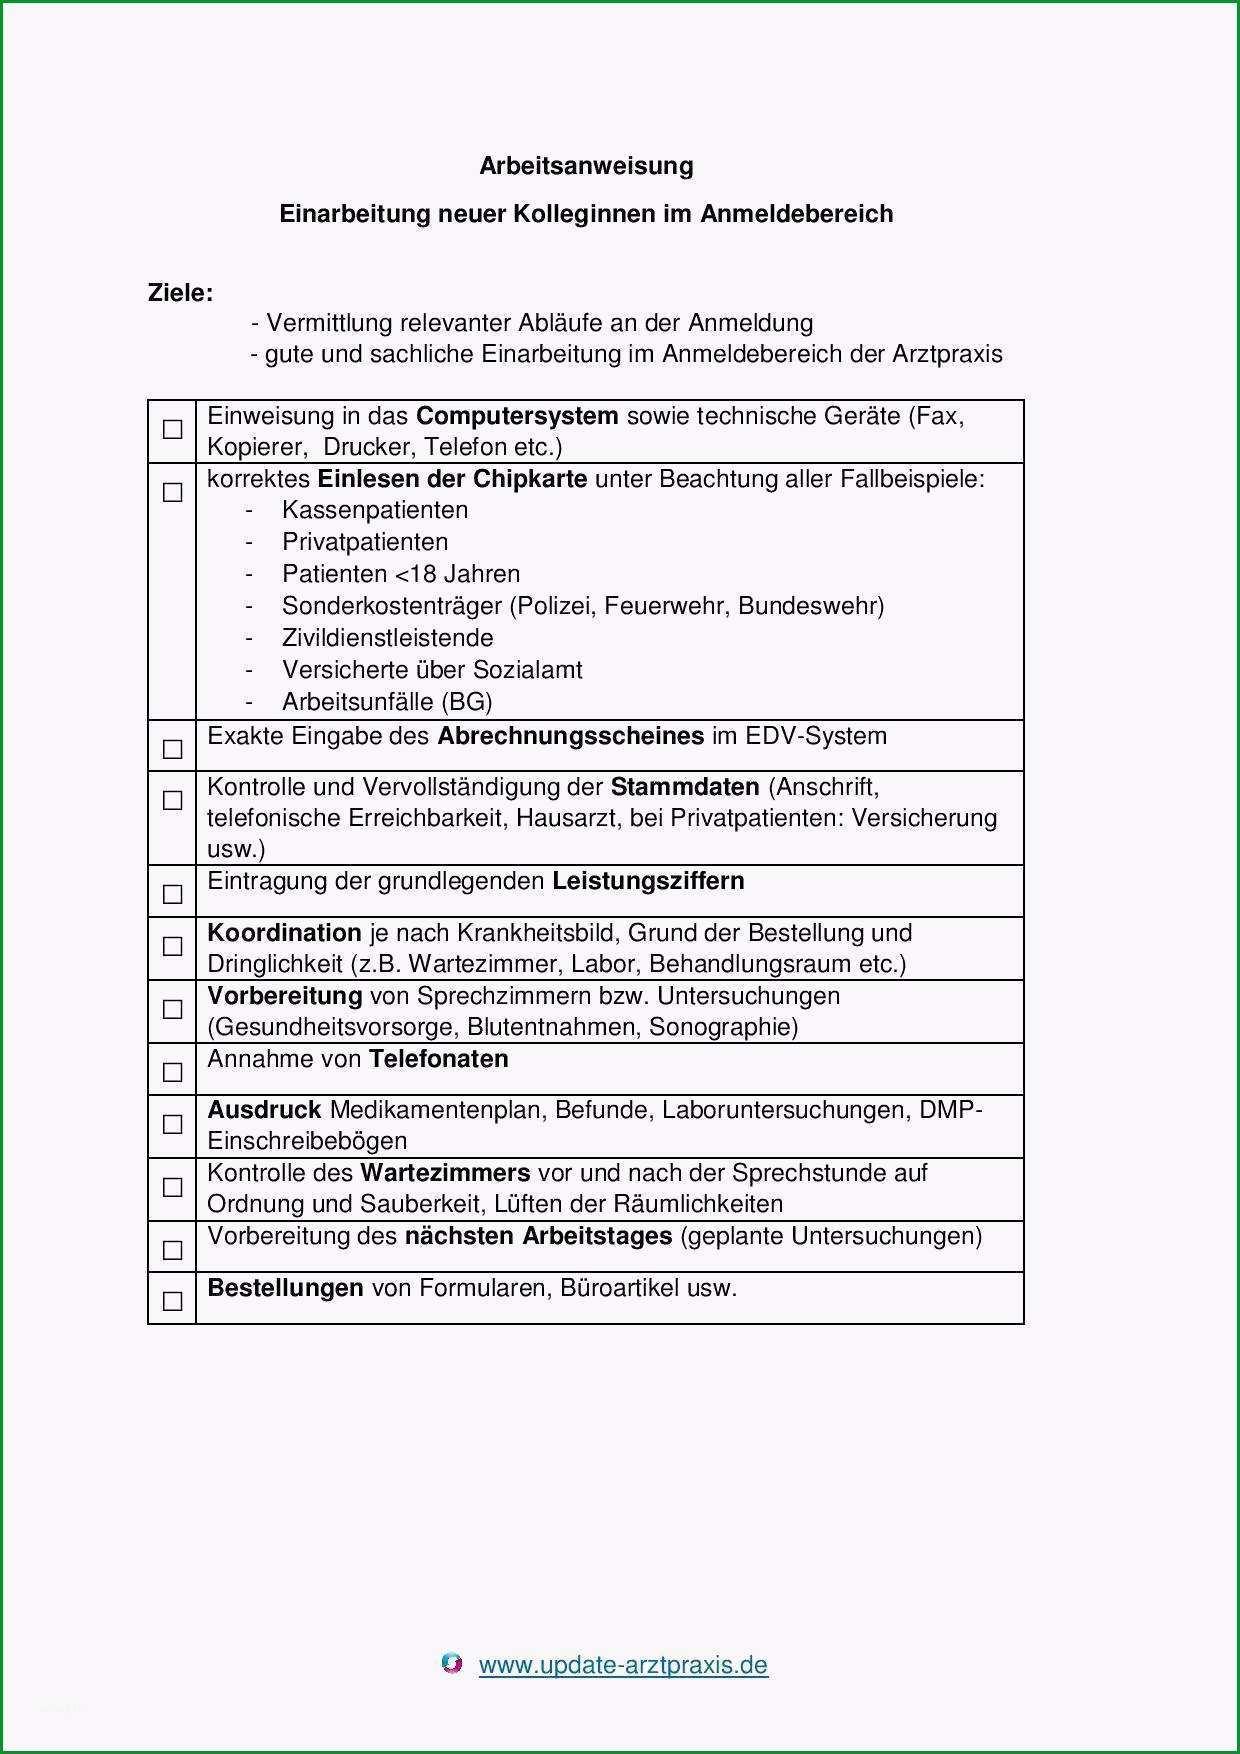 technische dokumentation vorlage genial projektdokumentation vorlage new ziemlich vorlage fur technische